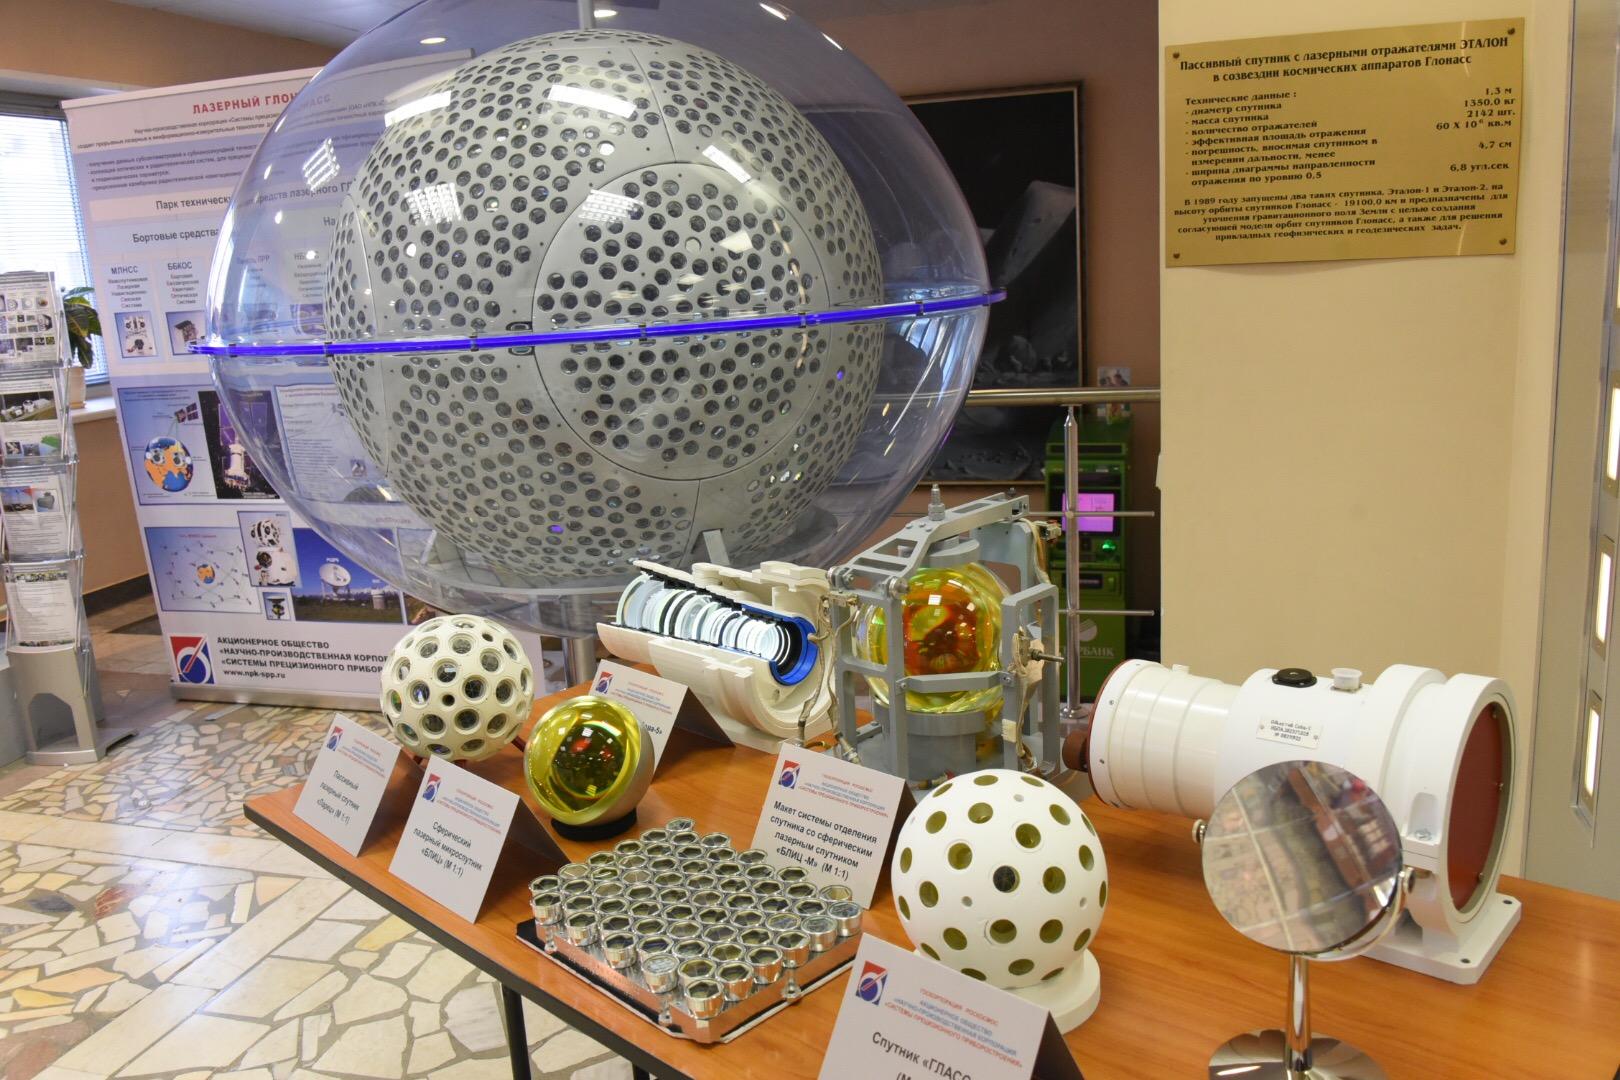 Мастер-класс о космосе подготовили сотрудники библиотеки №265 в Филимонковском